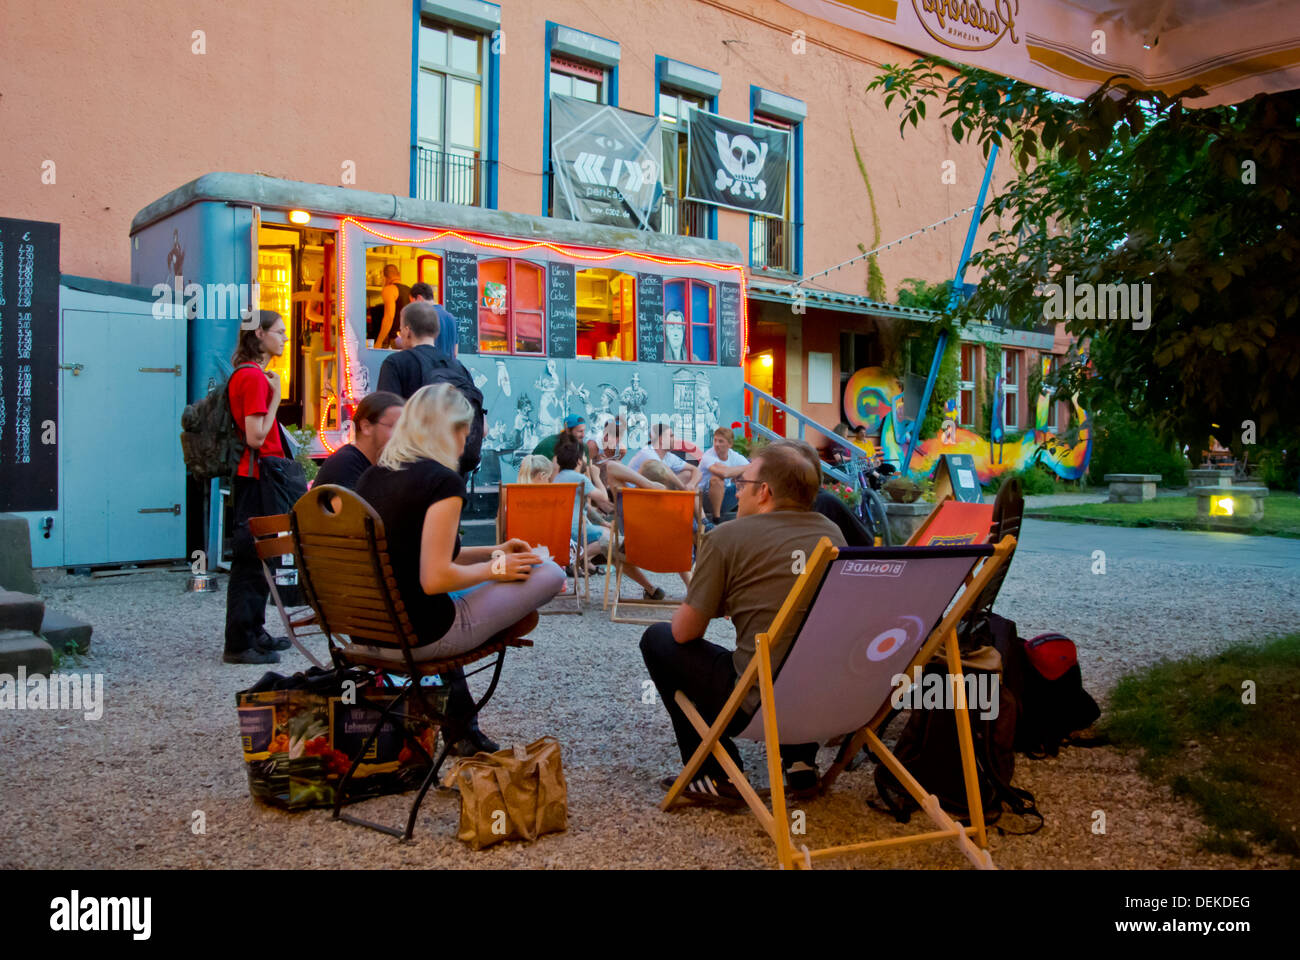 Scheune bar et d'un centre de divertissement Neustadt la ville nouvelle ville de Dresde Saxe Allemagne Europe centrale orientale de l'état Photo Stock